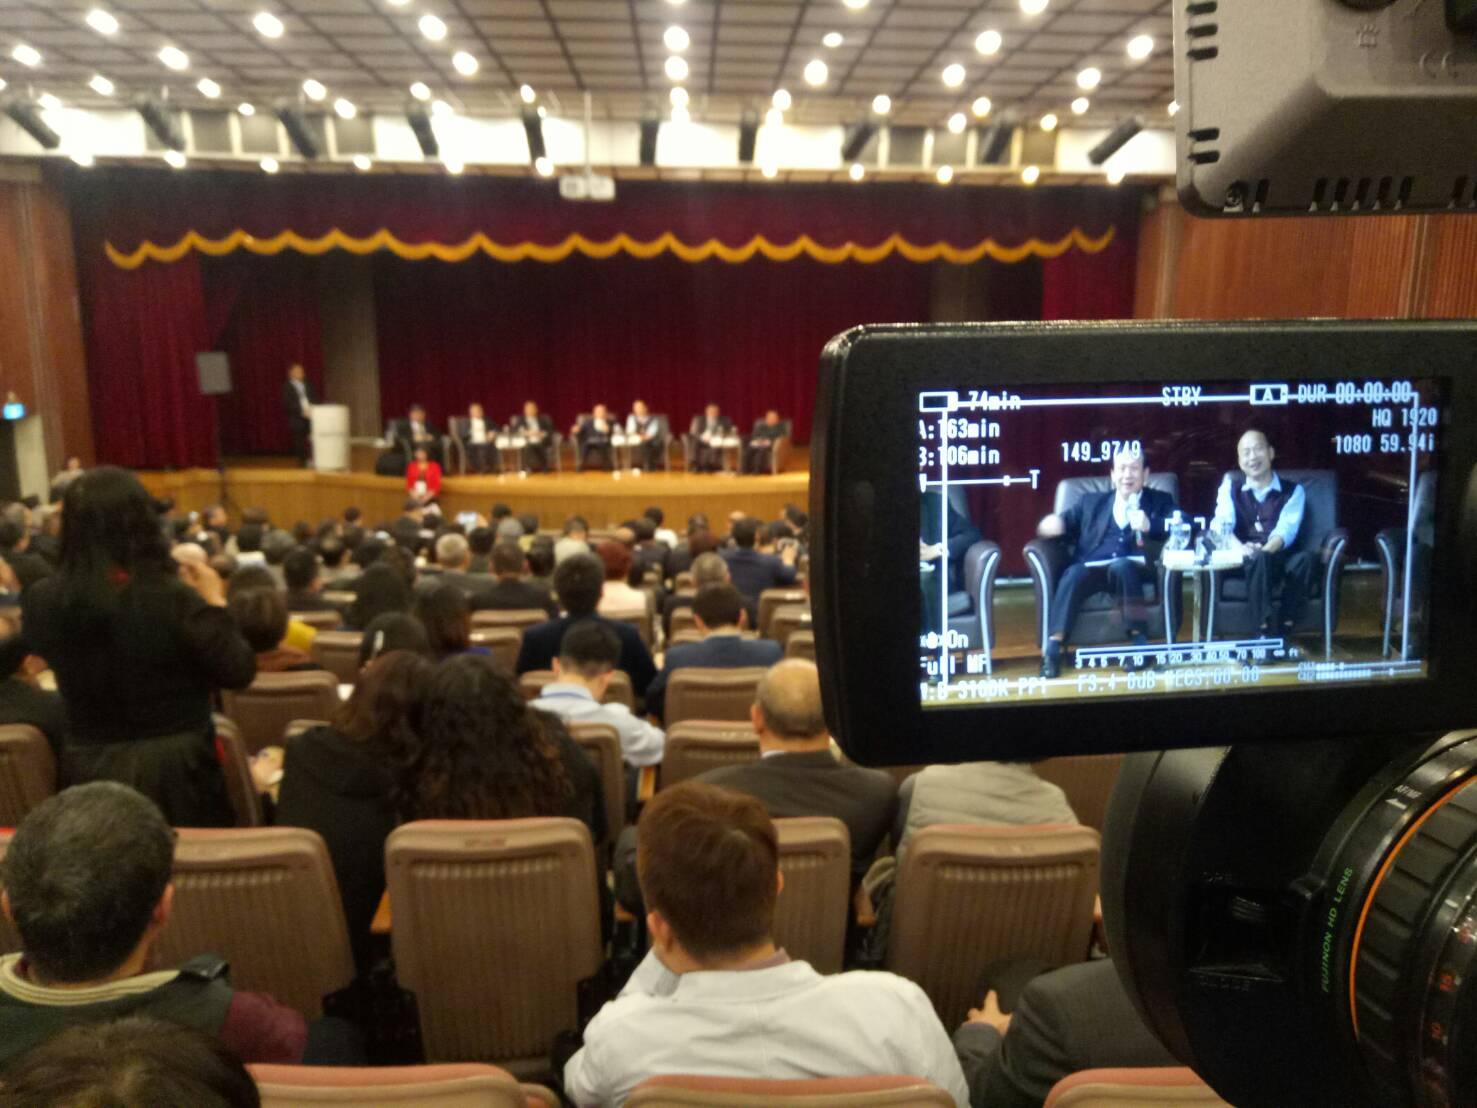 最新消息-商總邀1111及400企業主研商促進投資 王金平偕南部6縣市長出席